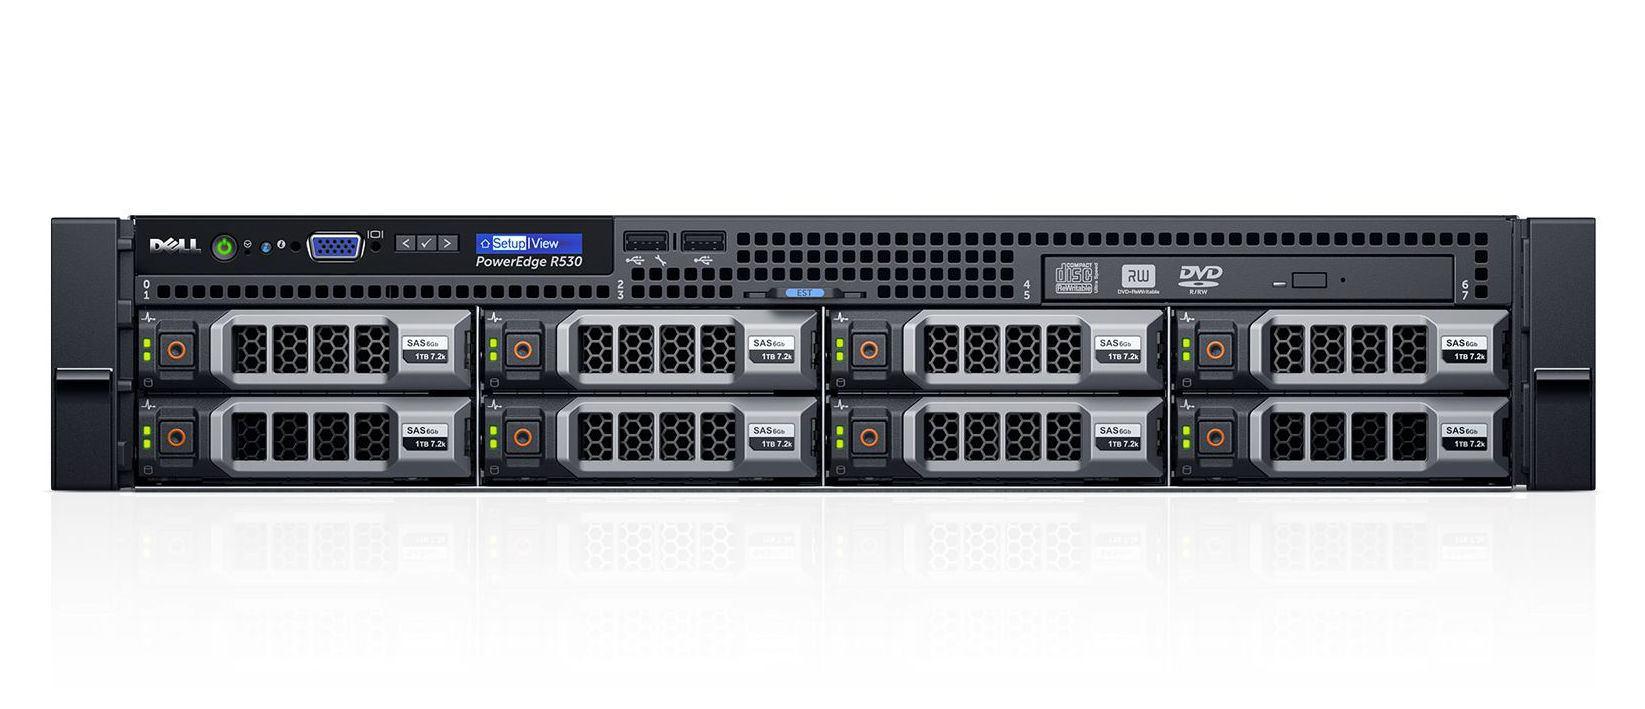 DELL R530-0695 - DELL PowerEdge R530 server 2 1 GHz Intel